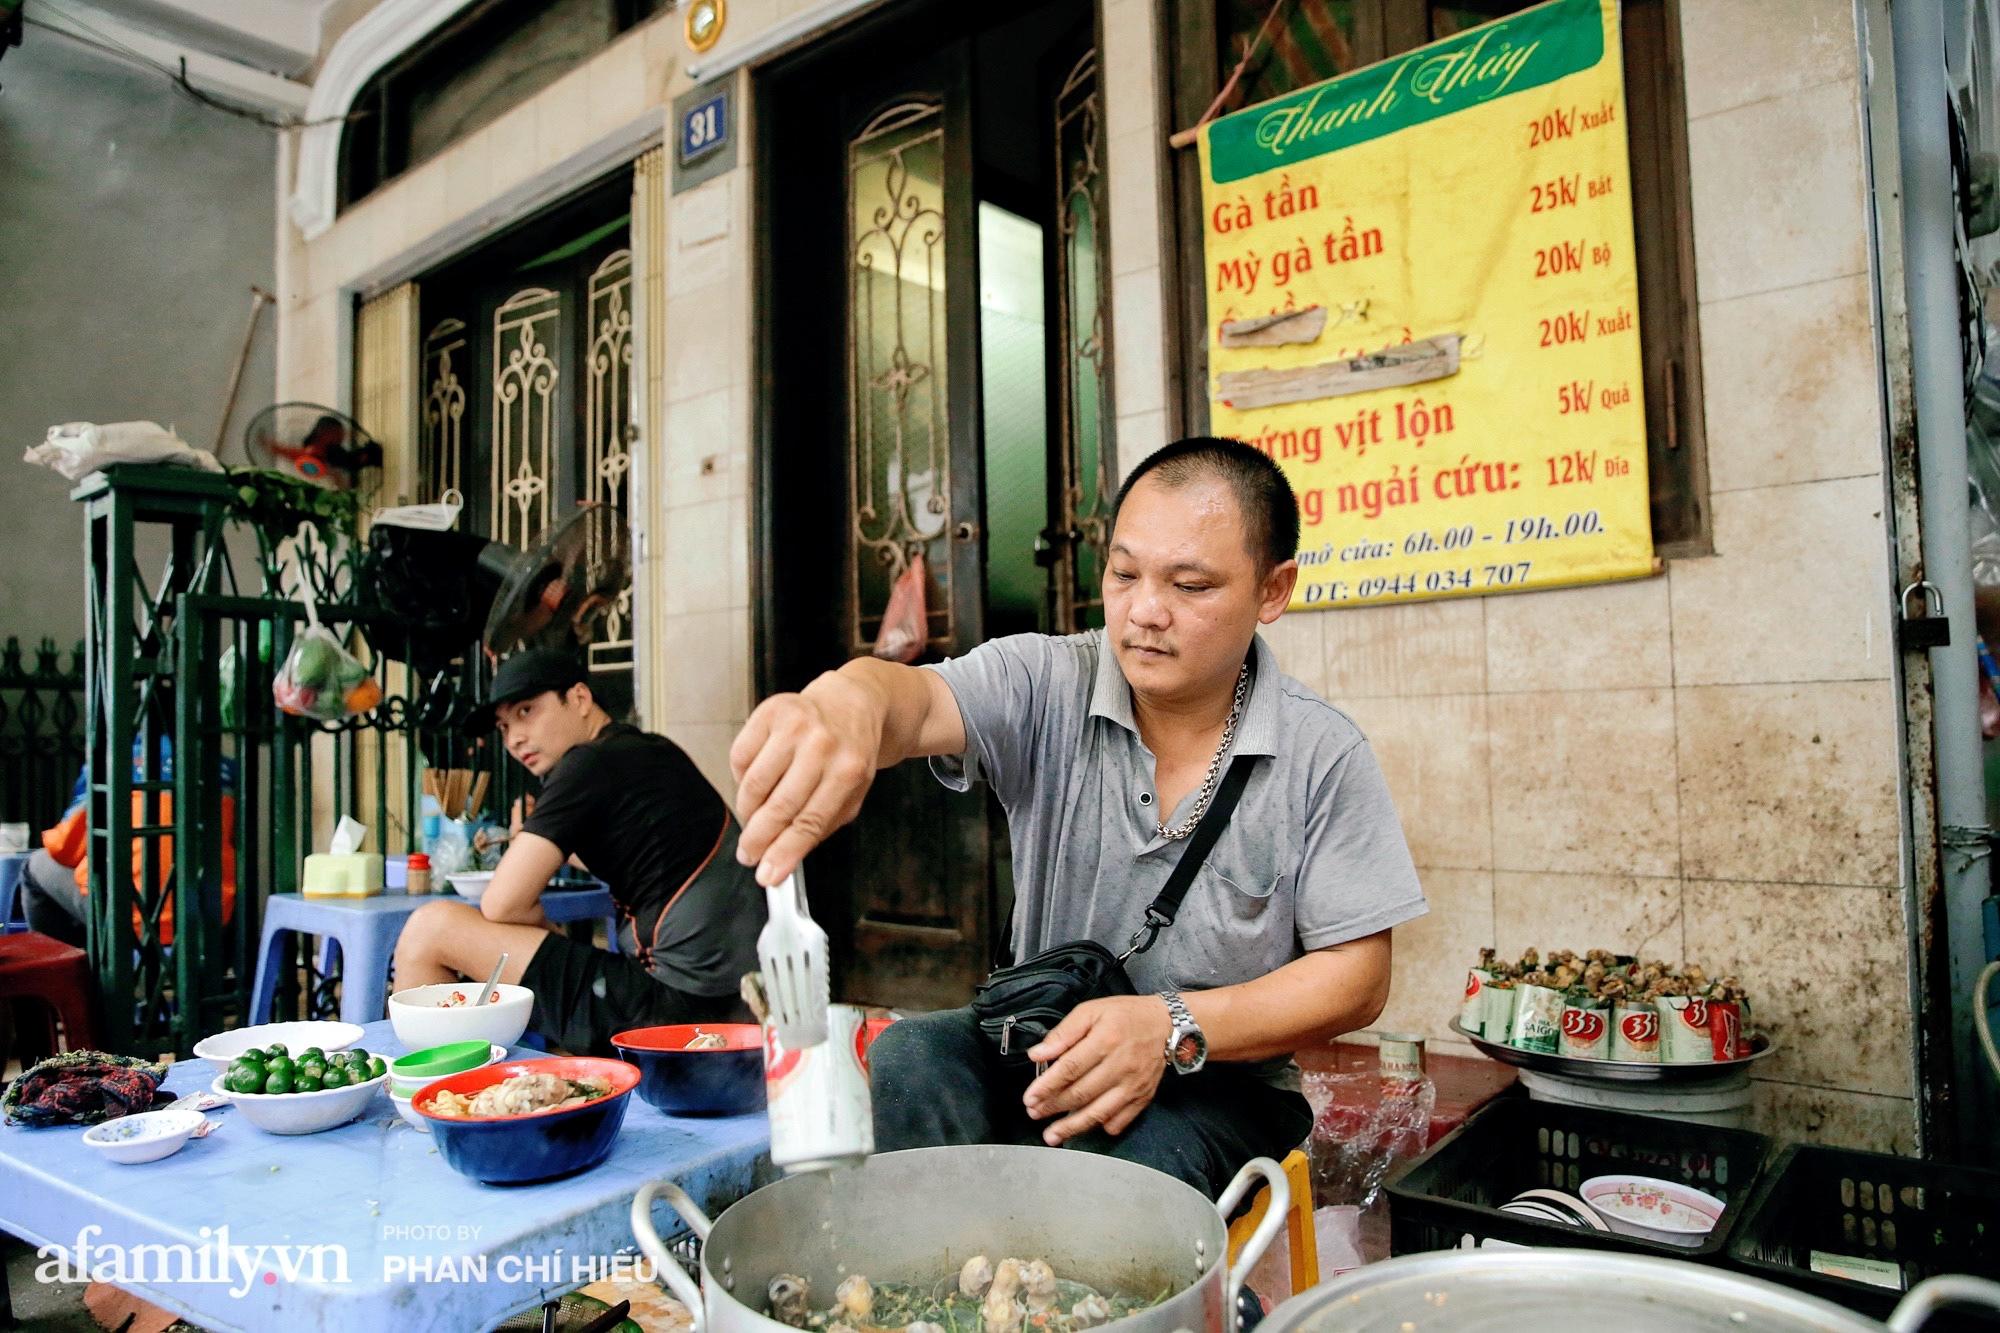 """Quán gà tần nổi tiếng """"ngày bán nghìn suất"""" trên phố An Dương với món tủ là mì gà tần lon bia giá chỉ 25.000 đồng được full topping liệu có tuyệt vời như lời đồn? - Ảnh 2."""